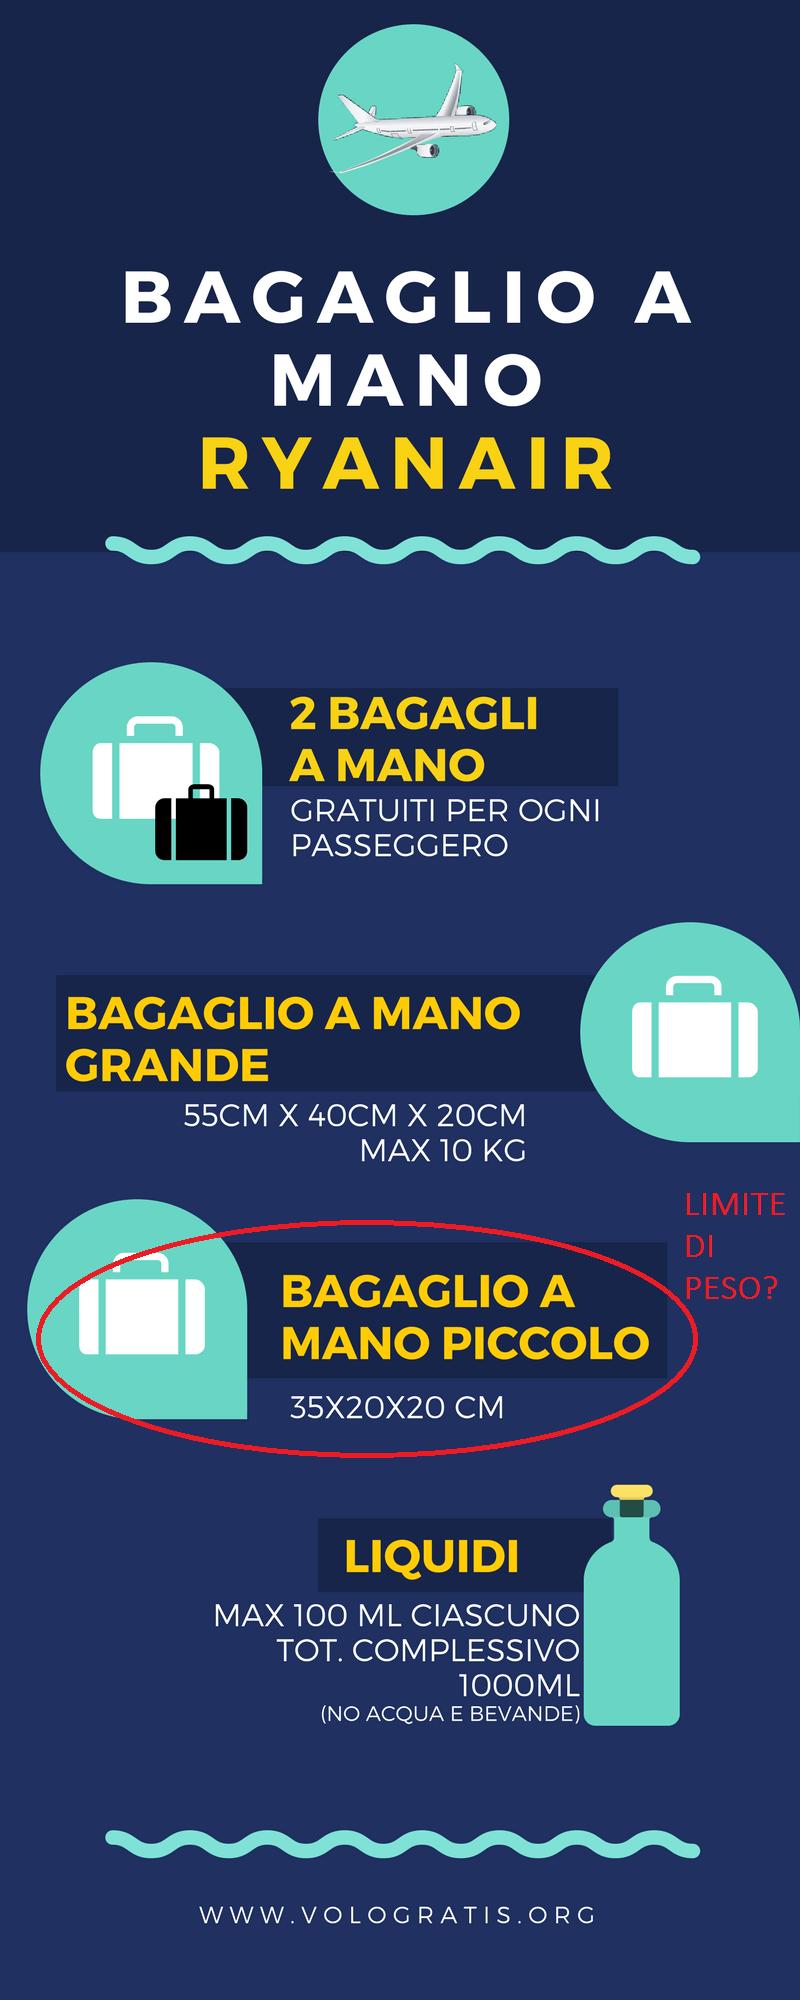 Bagaglio a mano ryanair misure peso e consigli le for Emirati limite di peso del bagaglio a mano